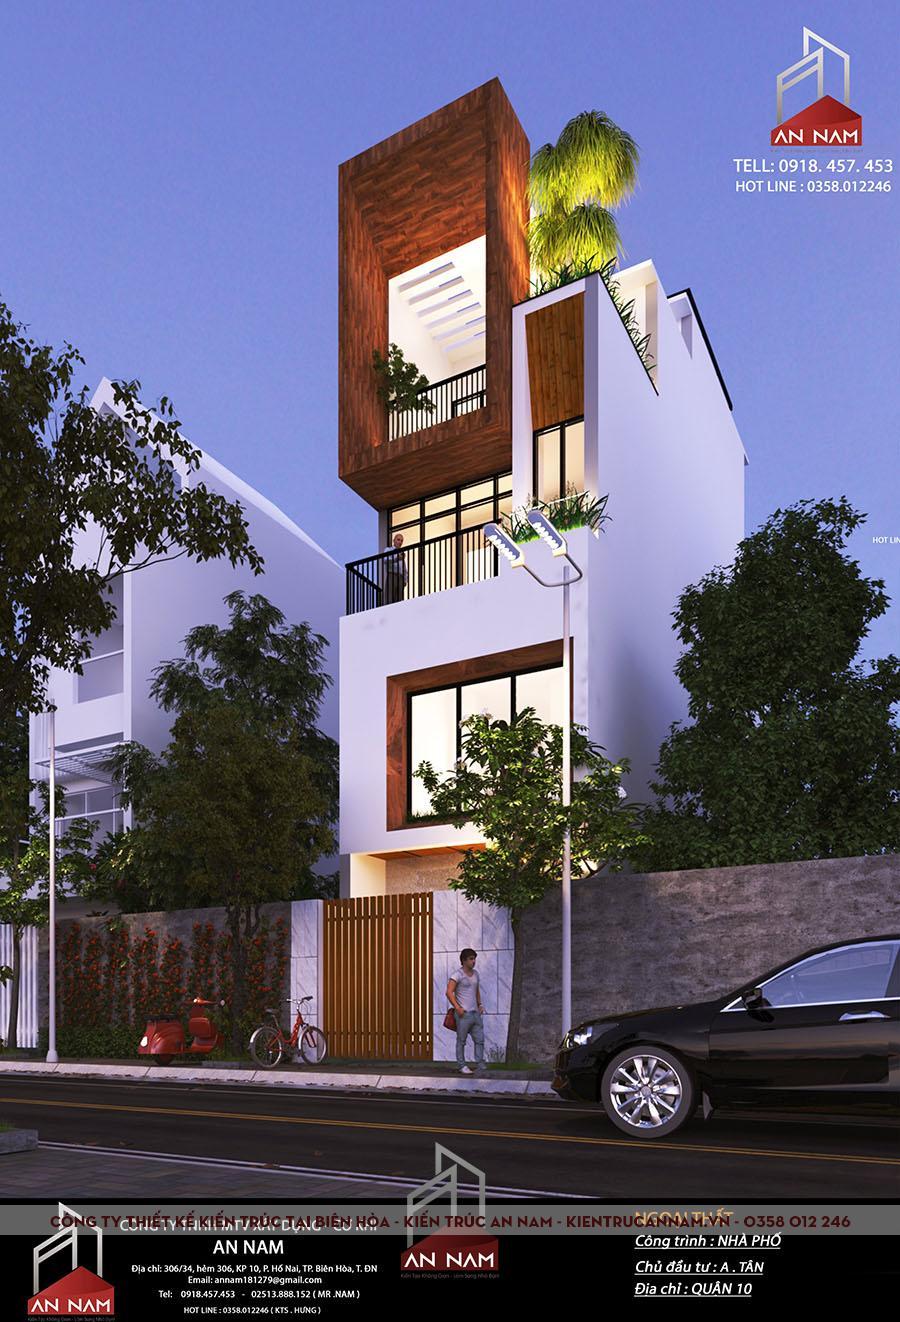 kiến trúc nhà phố 4 tầng tại Hồ Chí Minh đẹp